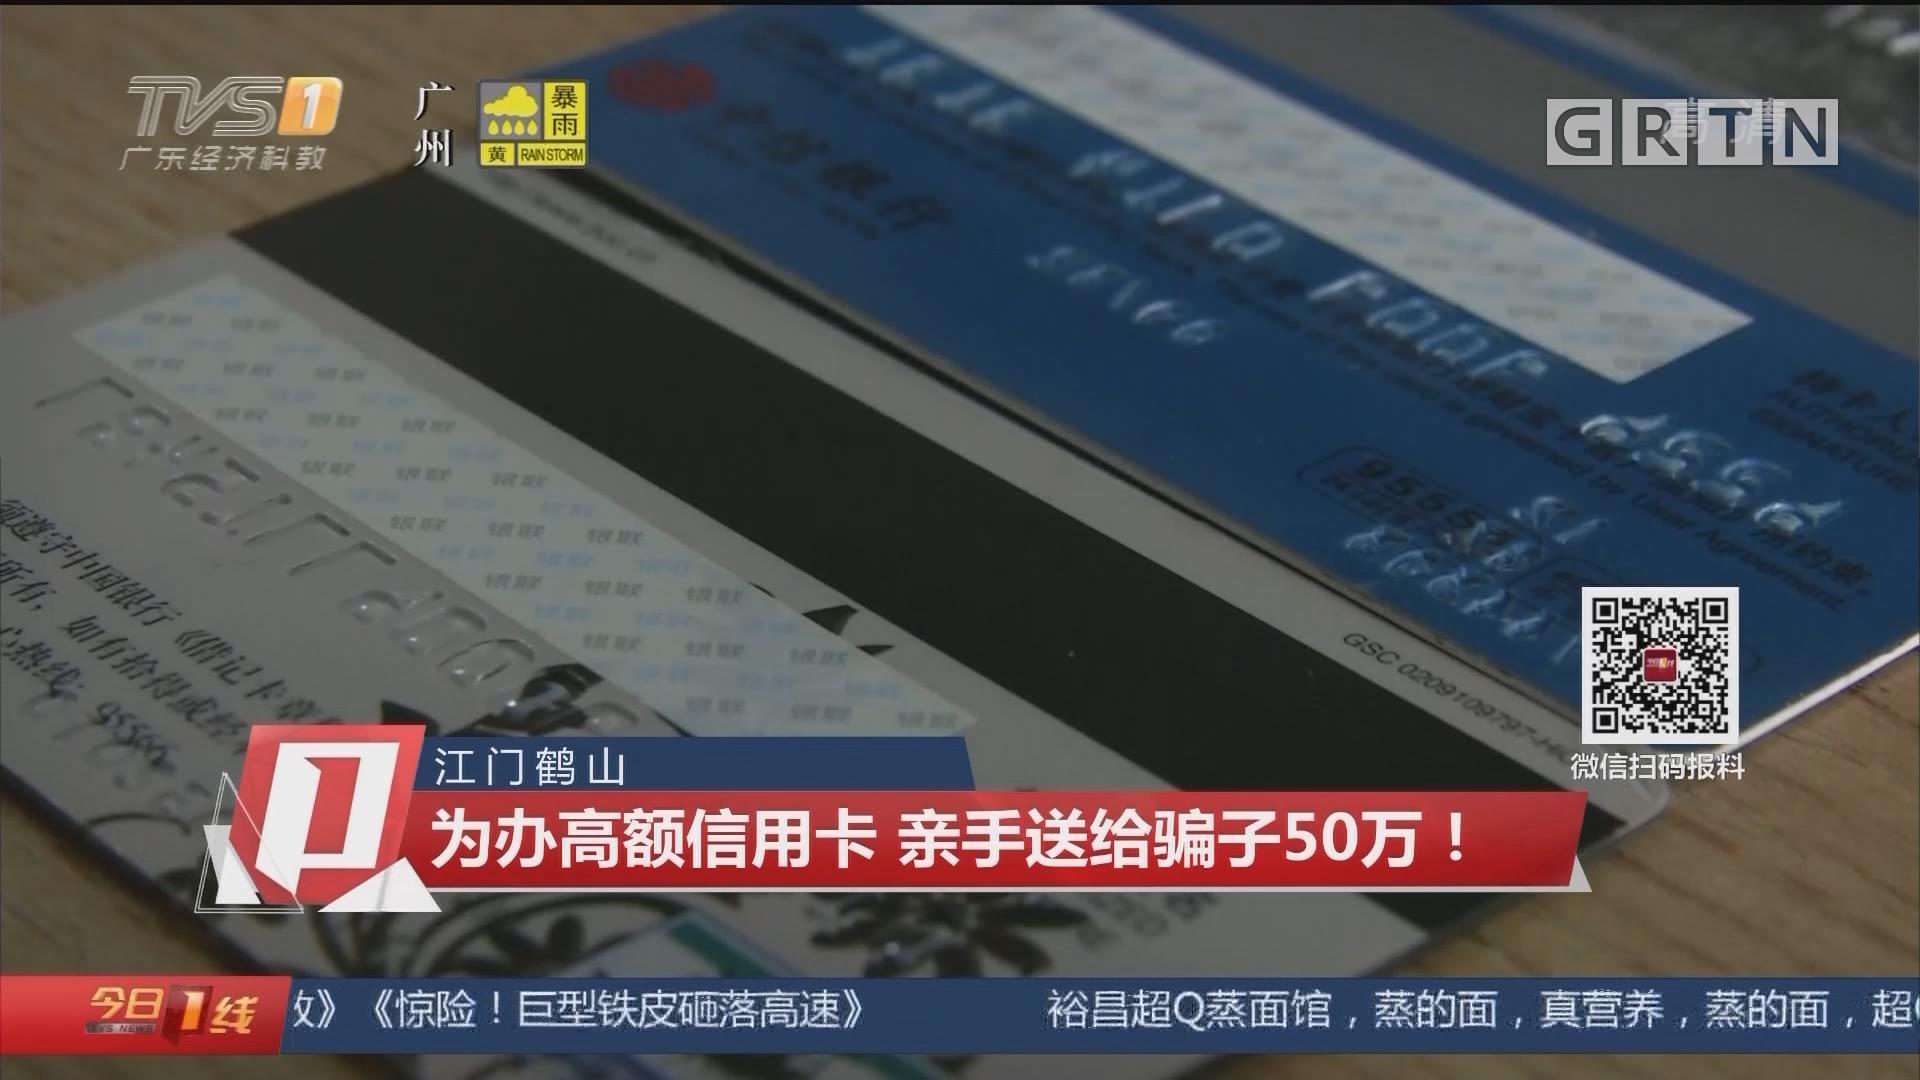 江门鹤山:为办高额信用卡 亲手送给骗子50万!